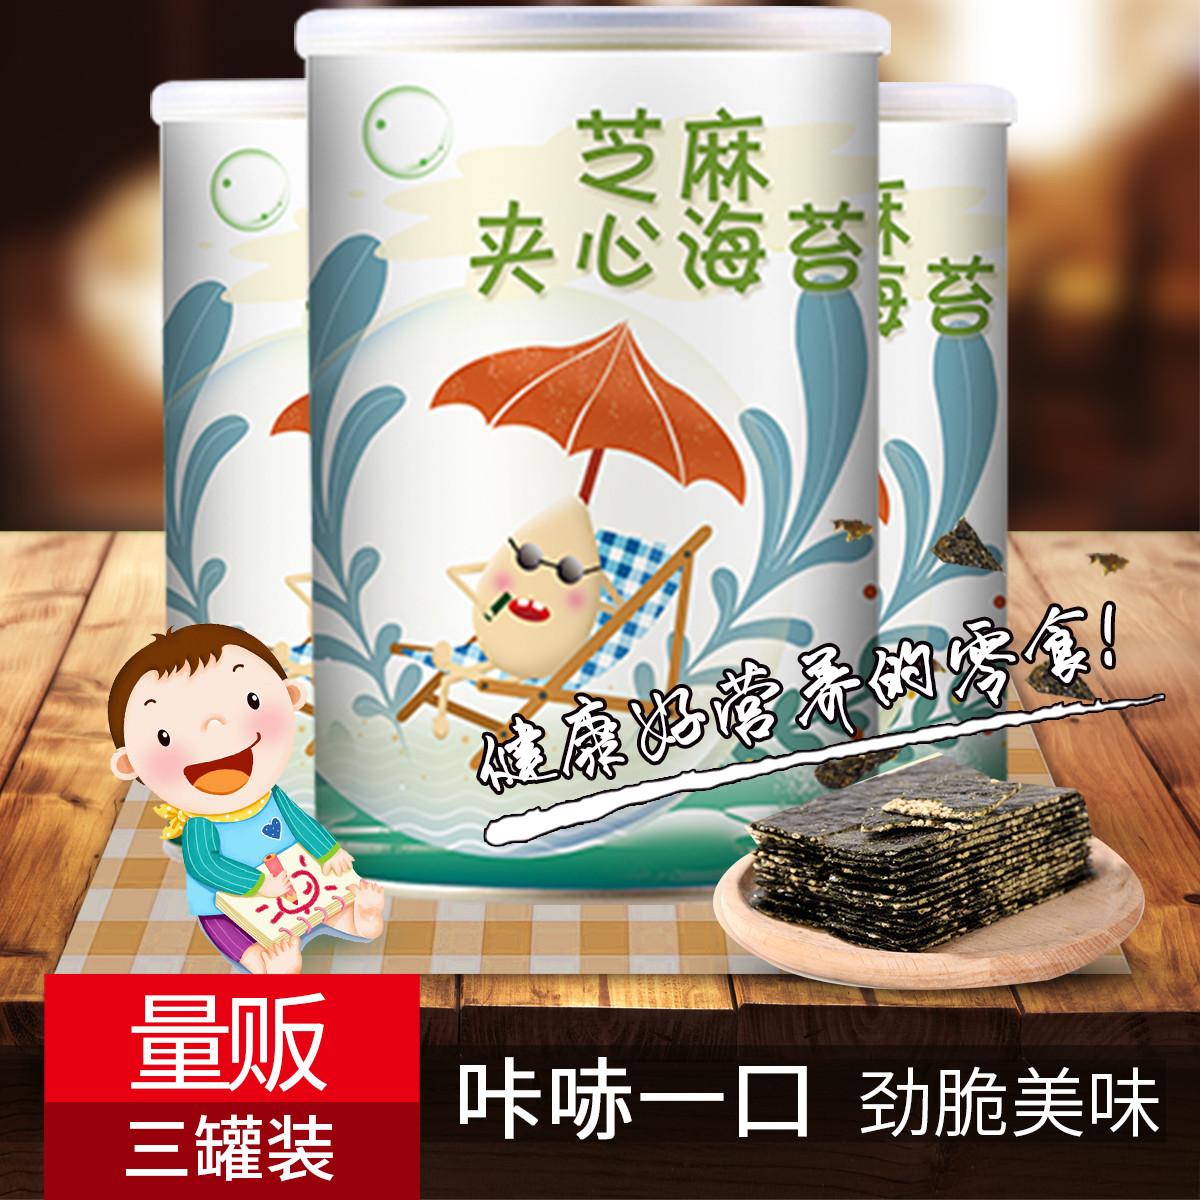 唯仟3罐 芝麻夹心海苔夹心脆儿童海苔寿司即食海苔婴儿海苔饼干肉松COLOR其它颜色